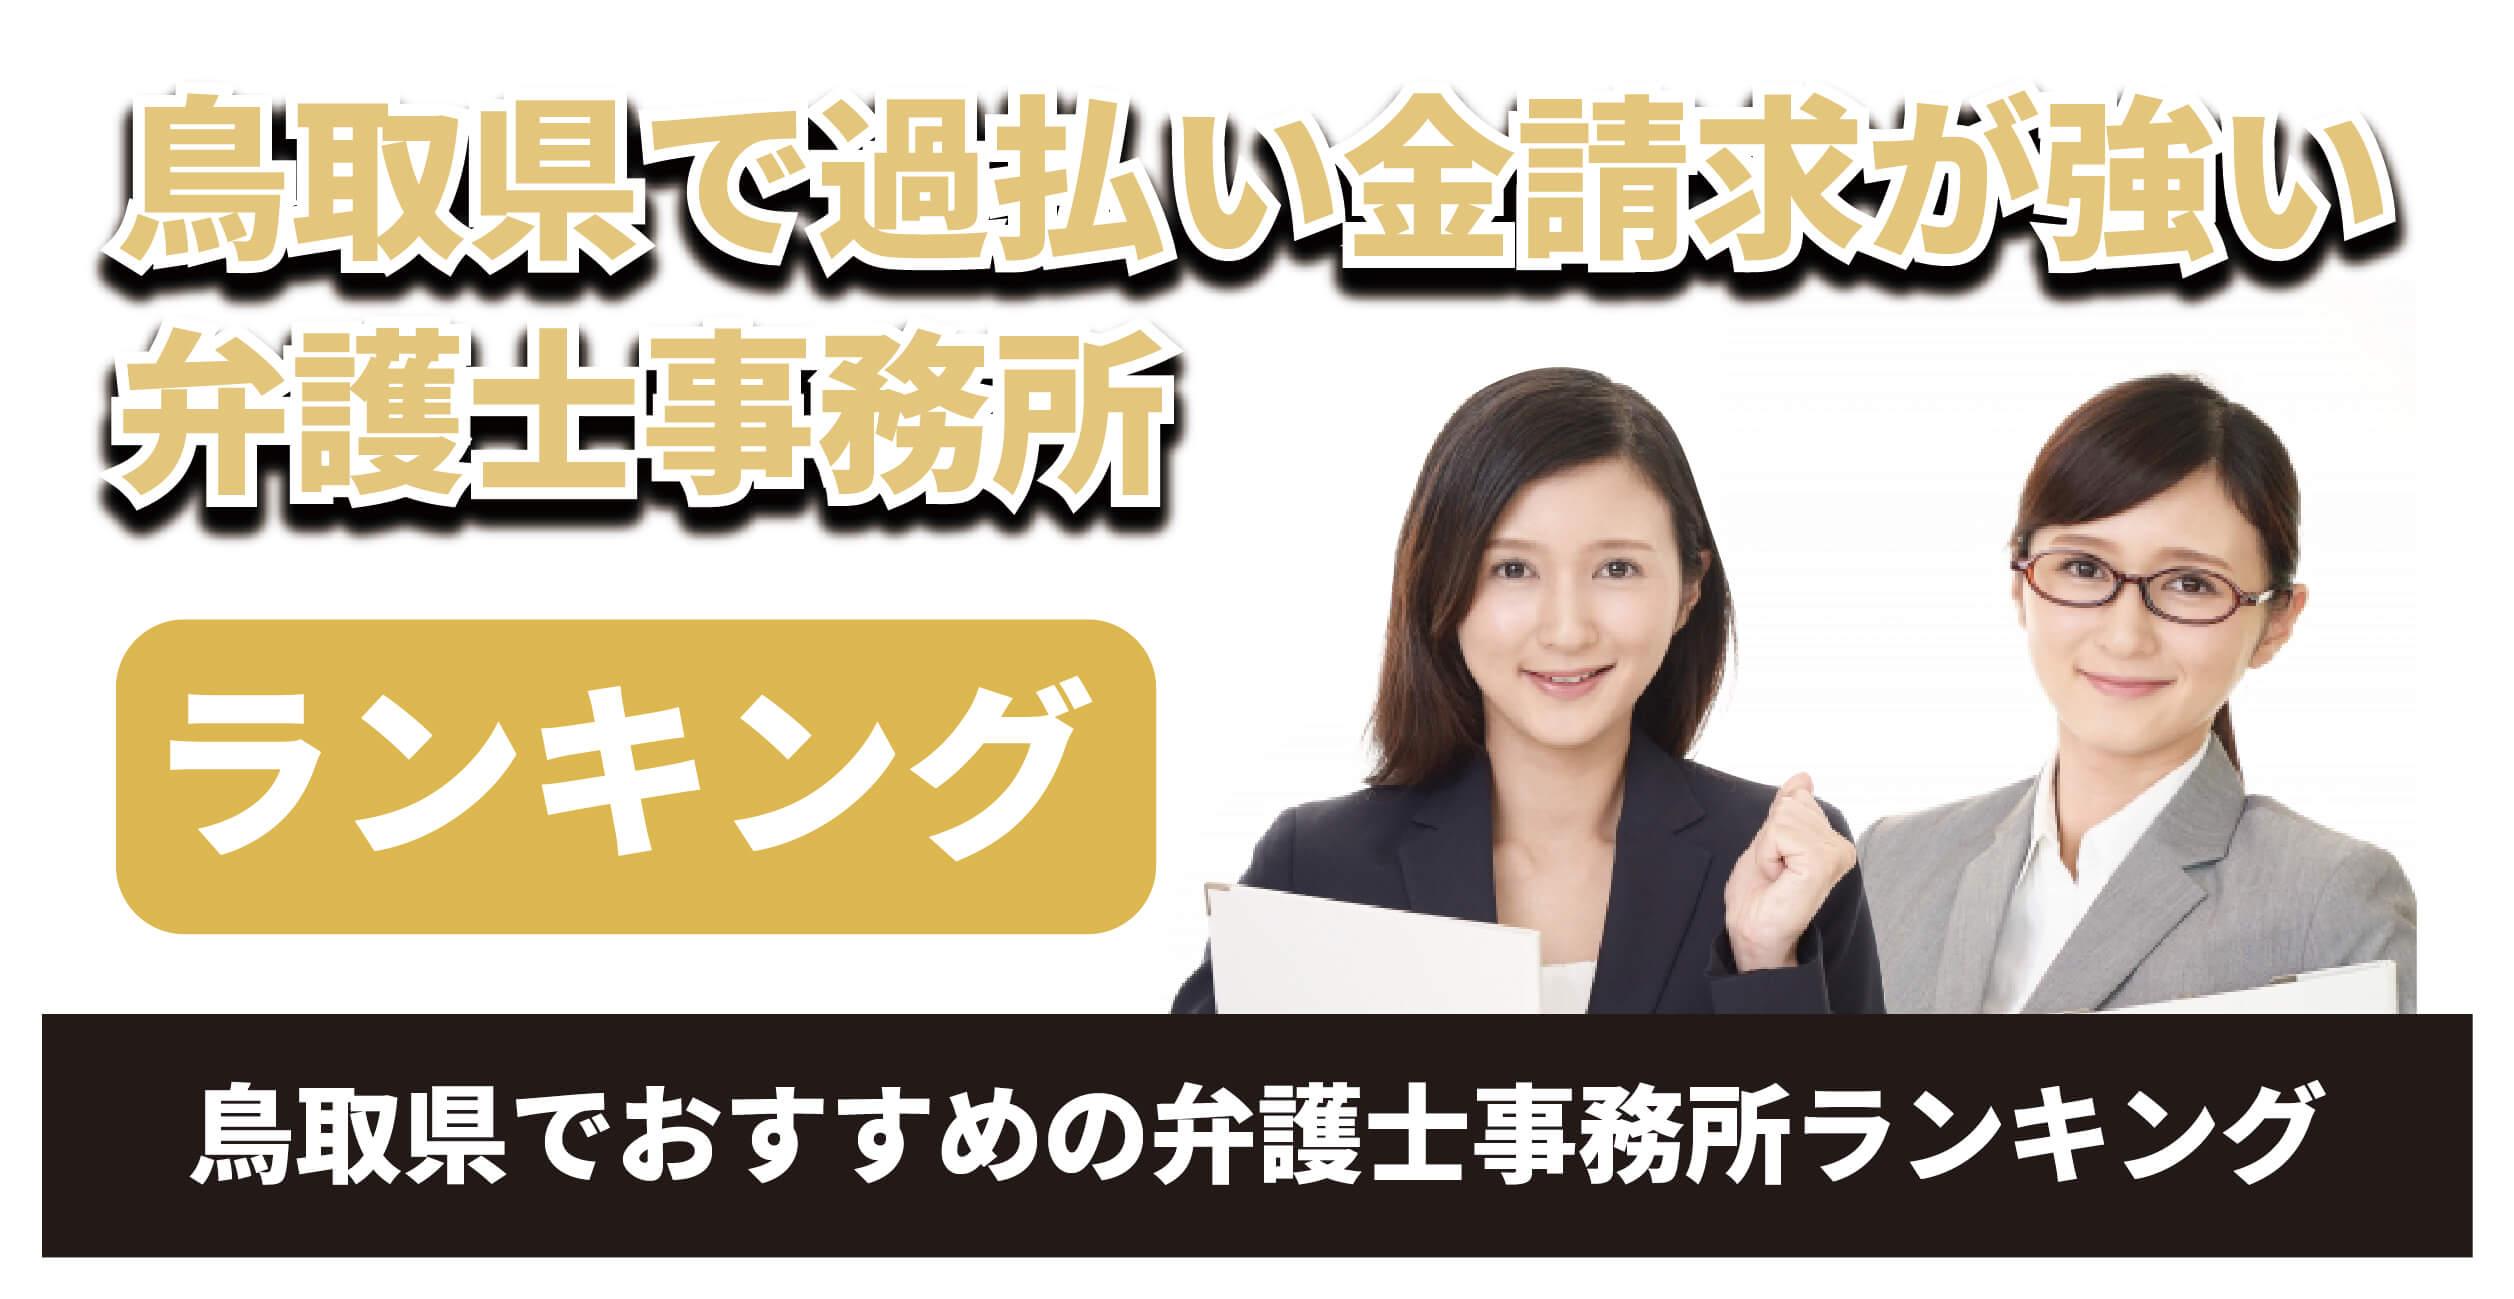 鳥取県で過払い金請求が強い弁護士は?